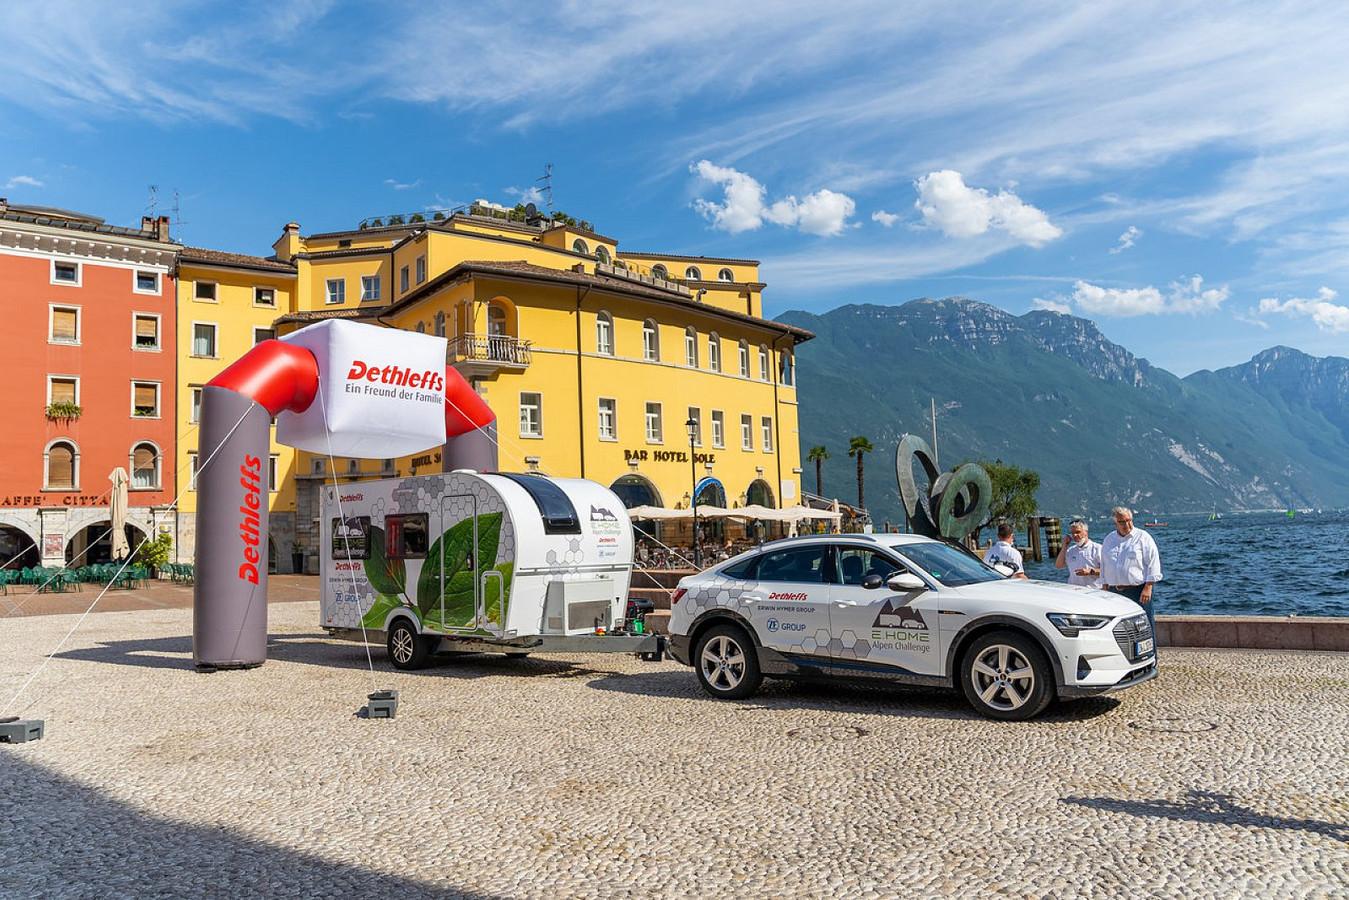 Missie voltooid: de elektrische Audi en Dethleffs hebben het Gardameer gehaald zonder bij te laden.